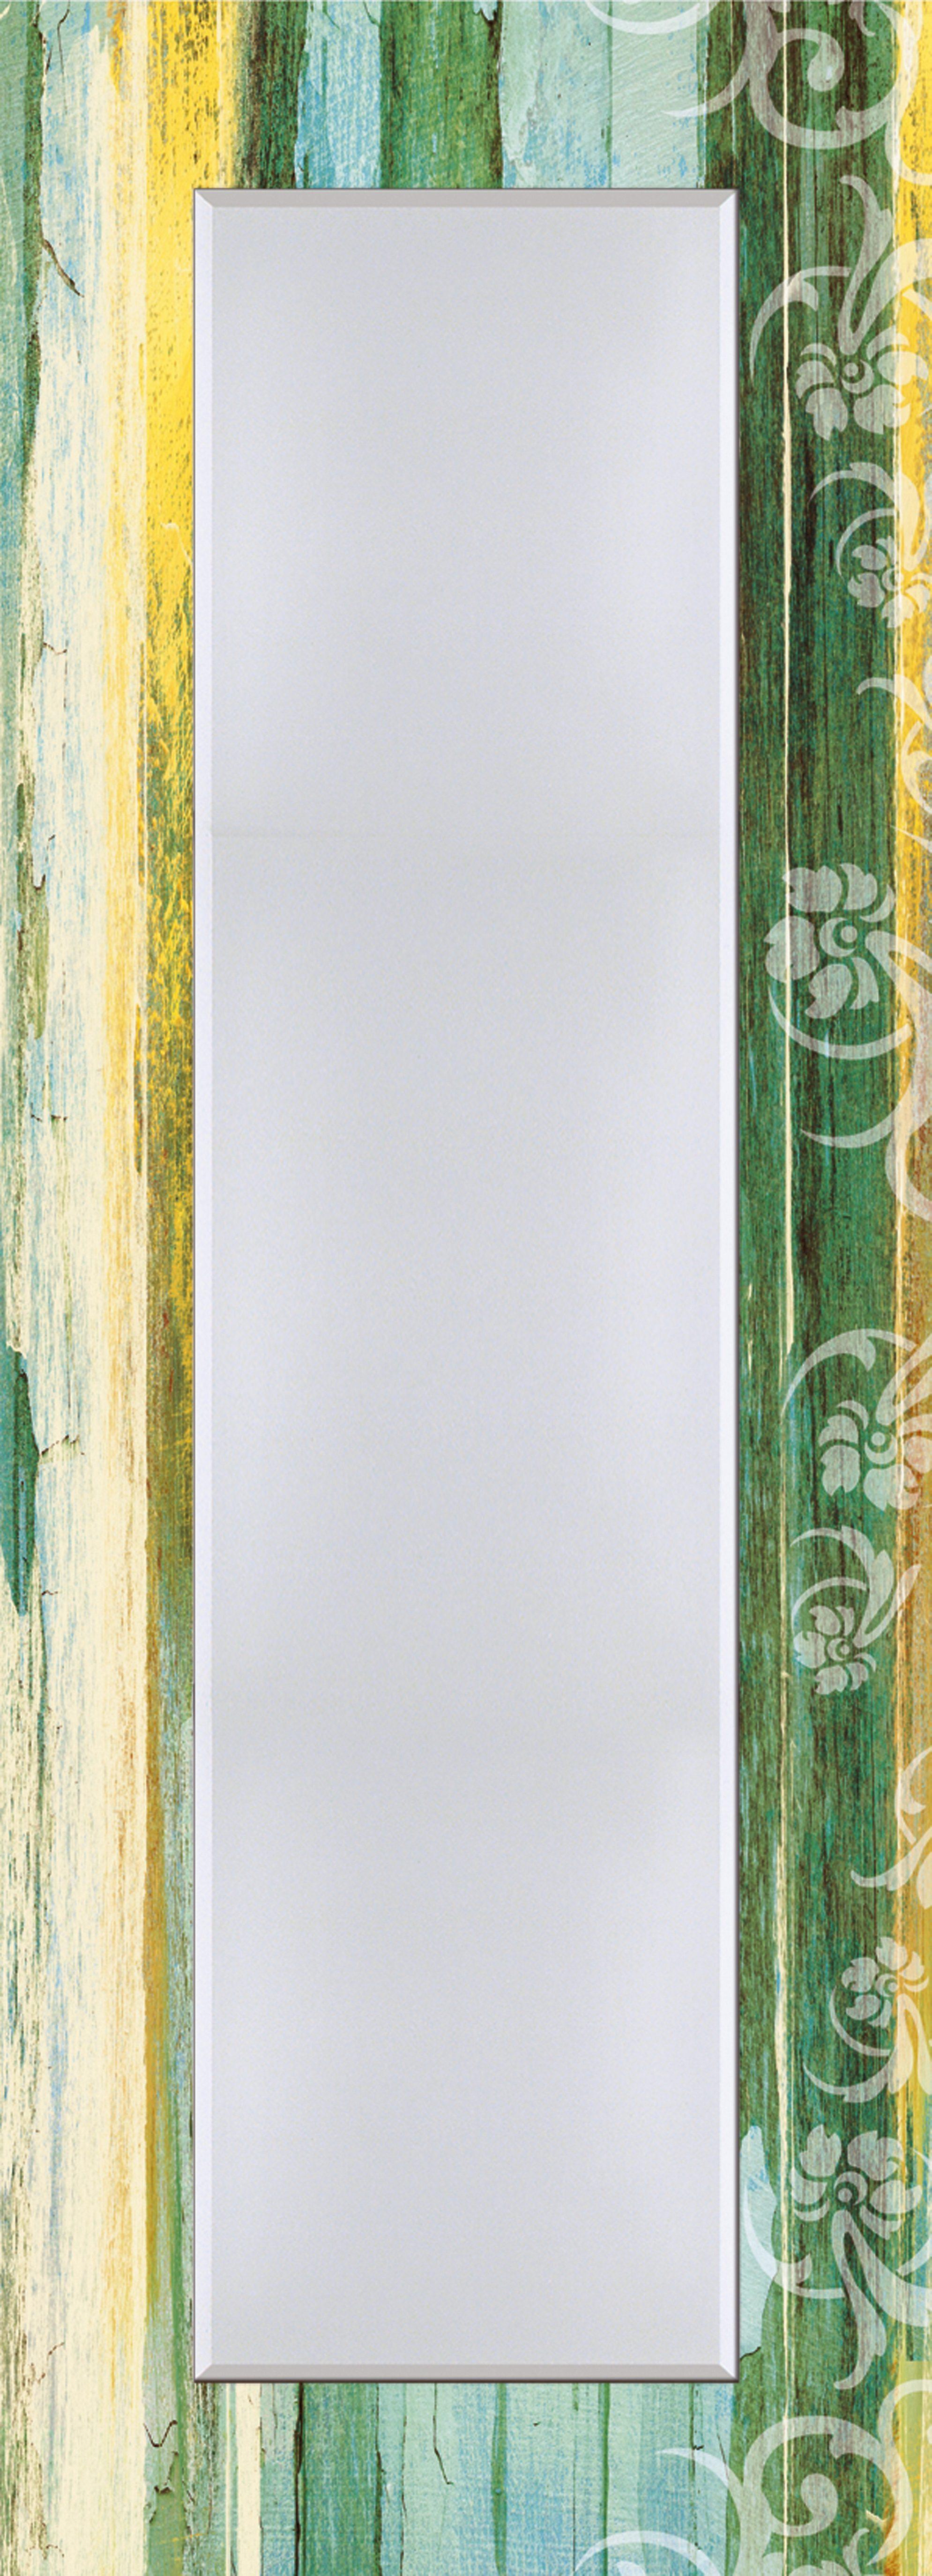 Wandspiegel, Home affaire, »Blumenornamente im modernen Stil«, 50/140 cm